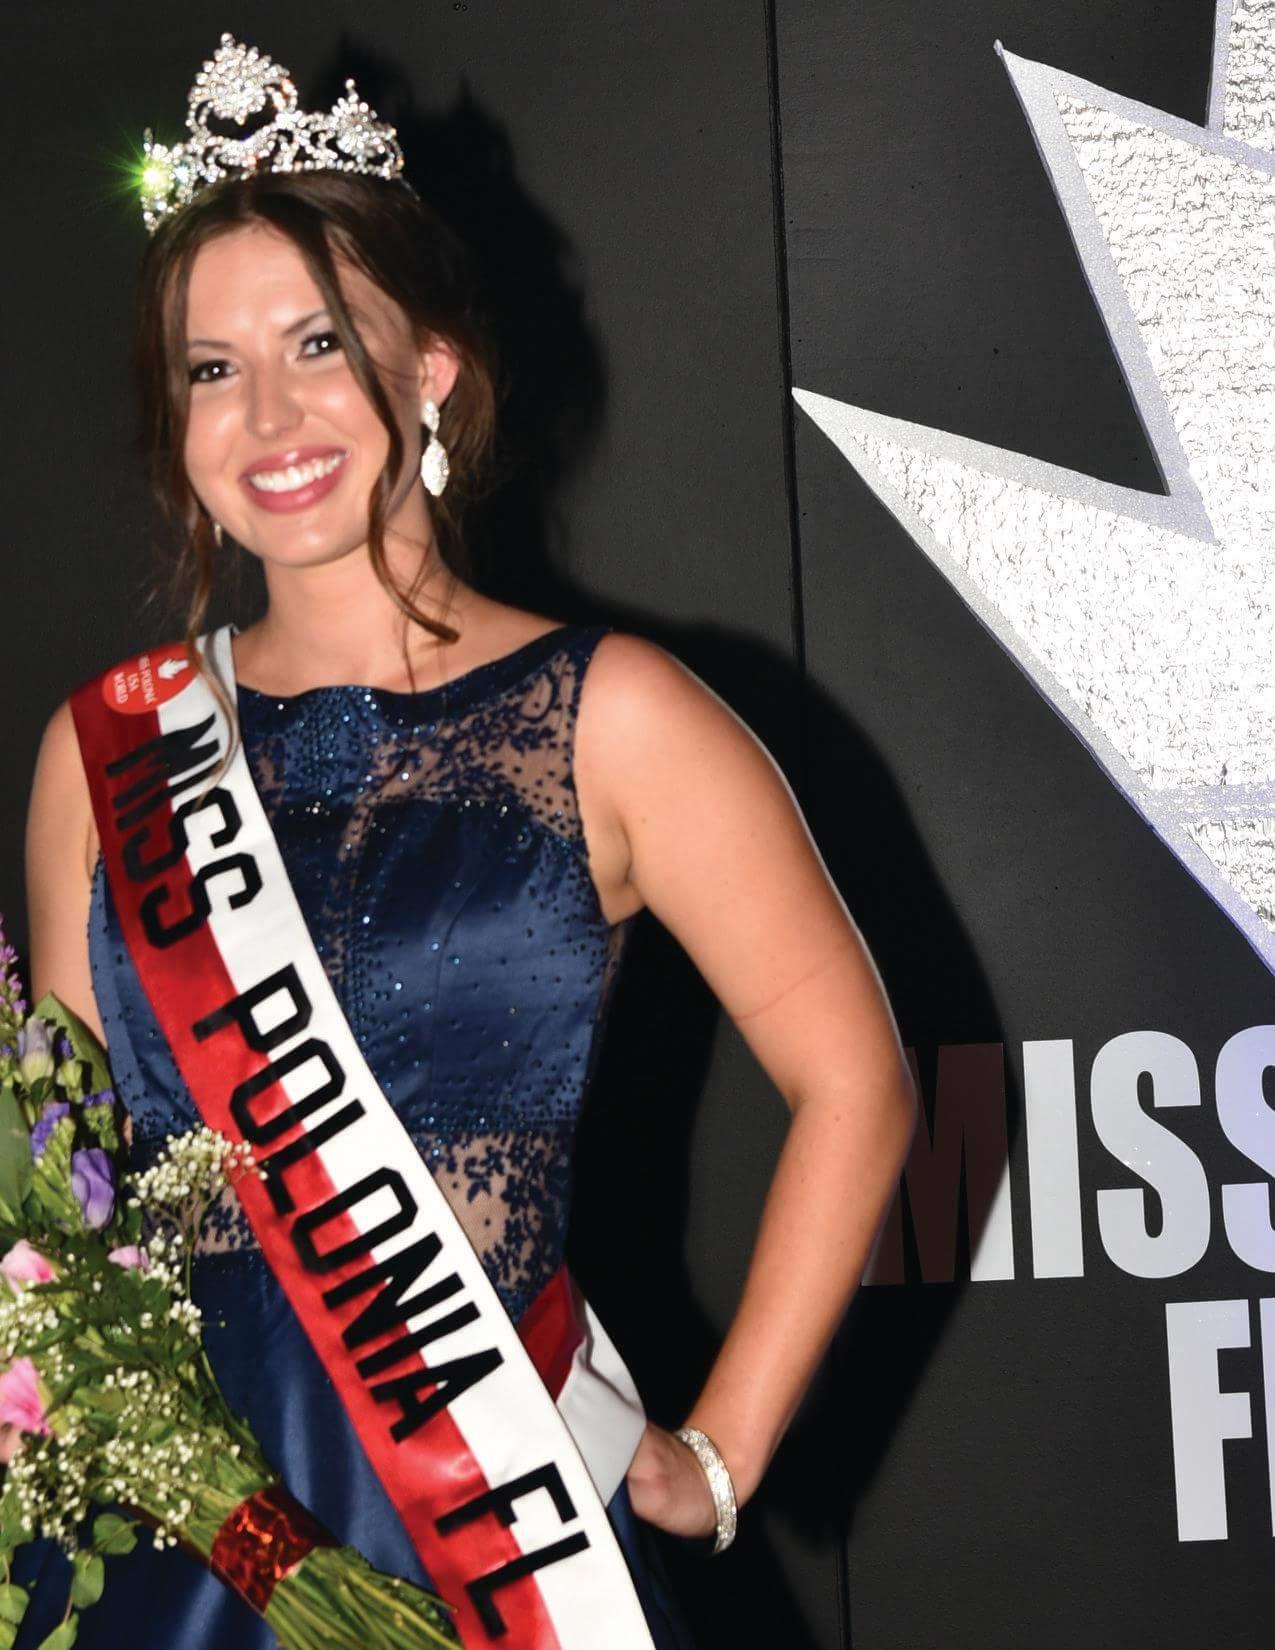 Olivia Kisielewski - Titleholder of the Miss Polonia Florida 2019